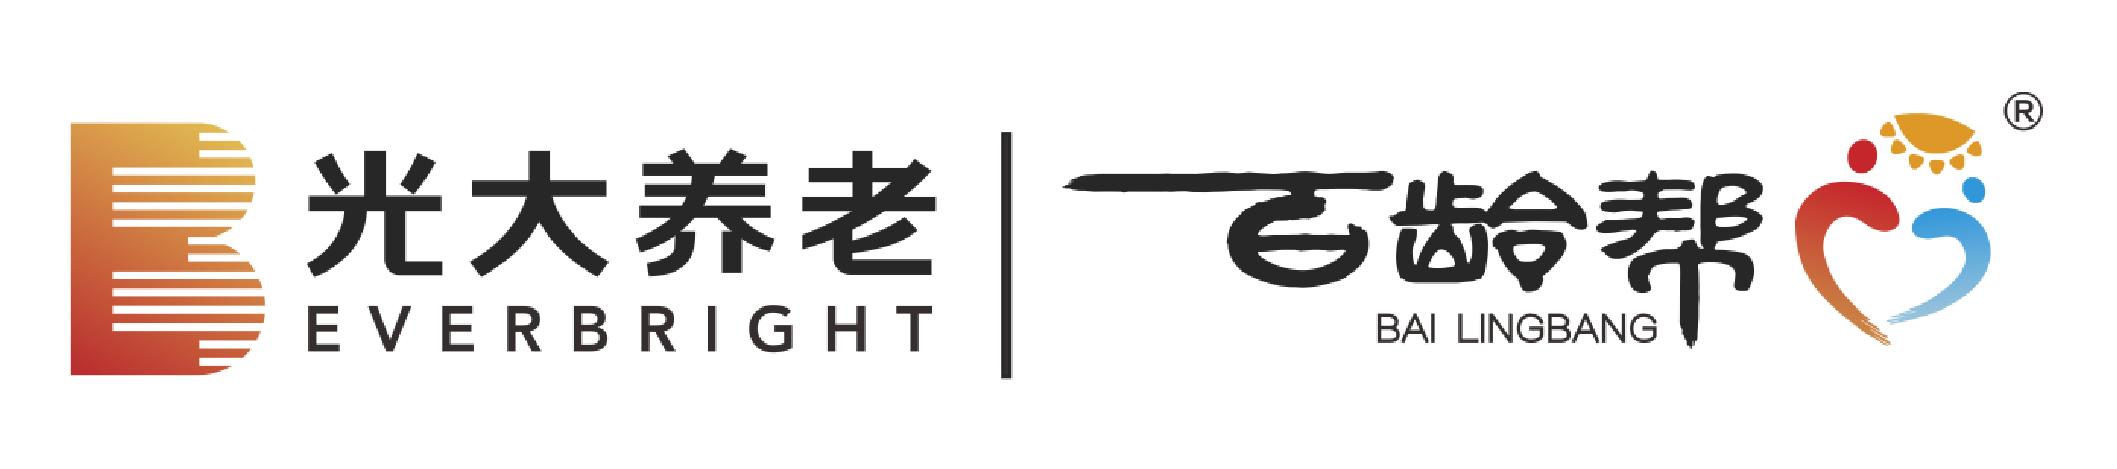 重慶市萬州區光大百齡幫惠福養老服務有限公司